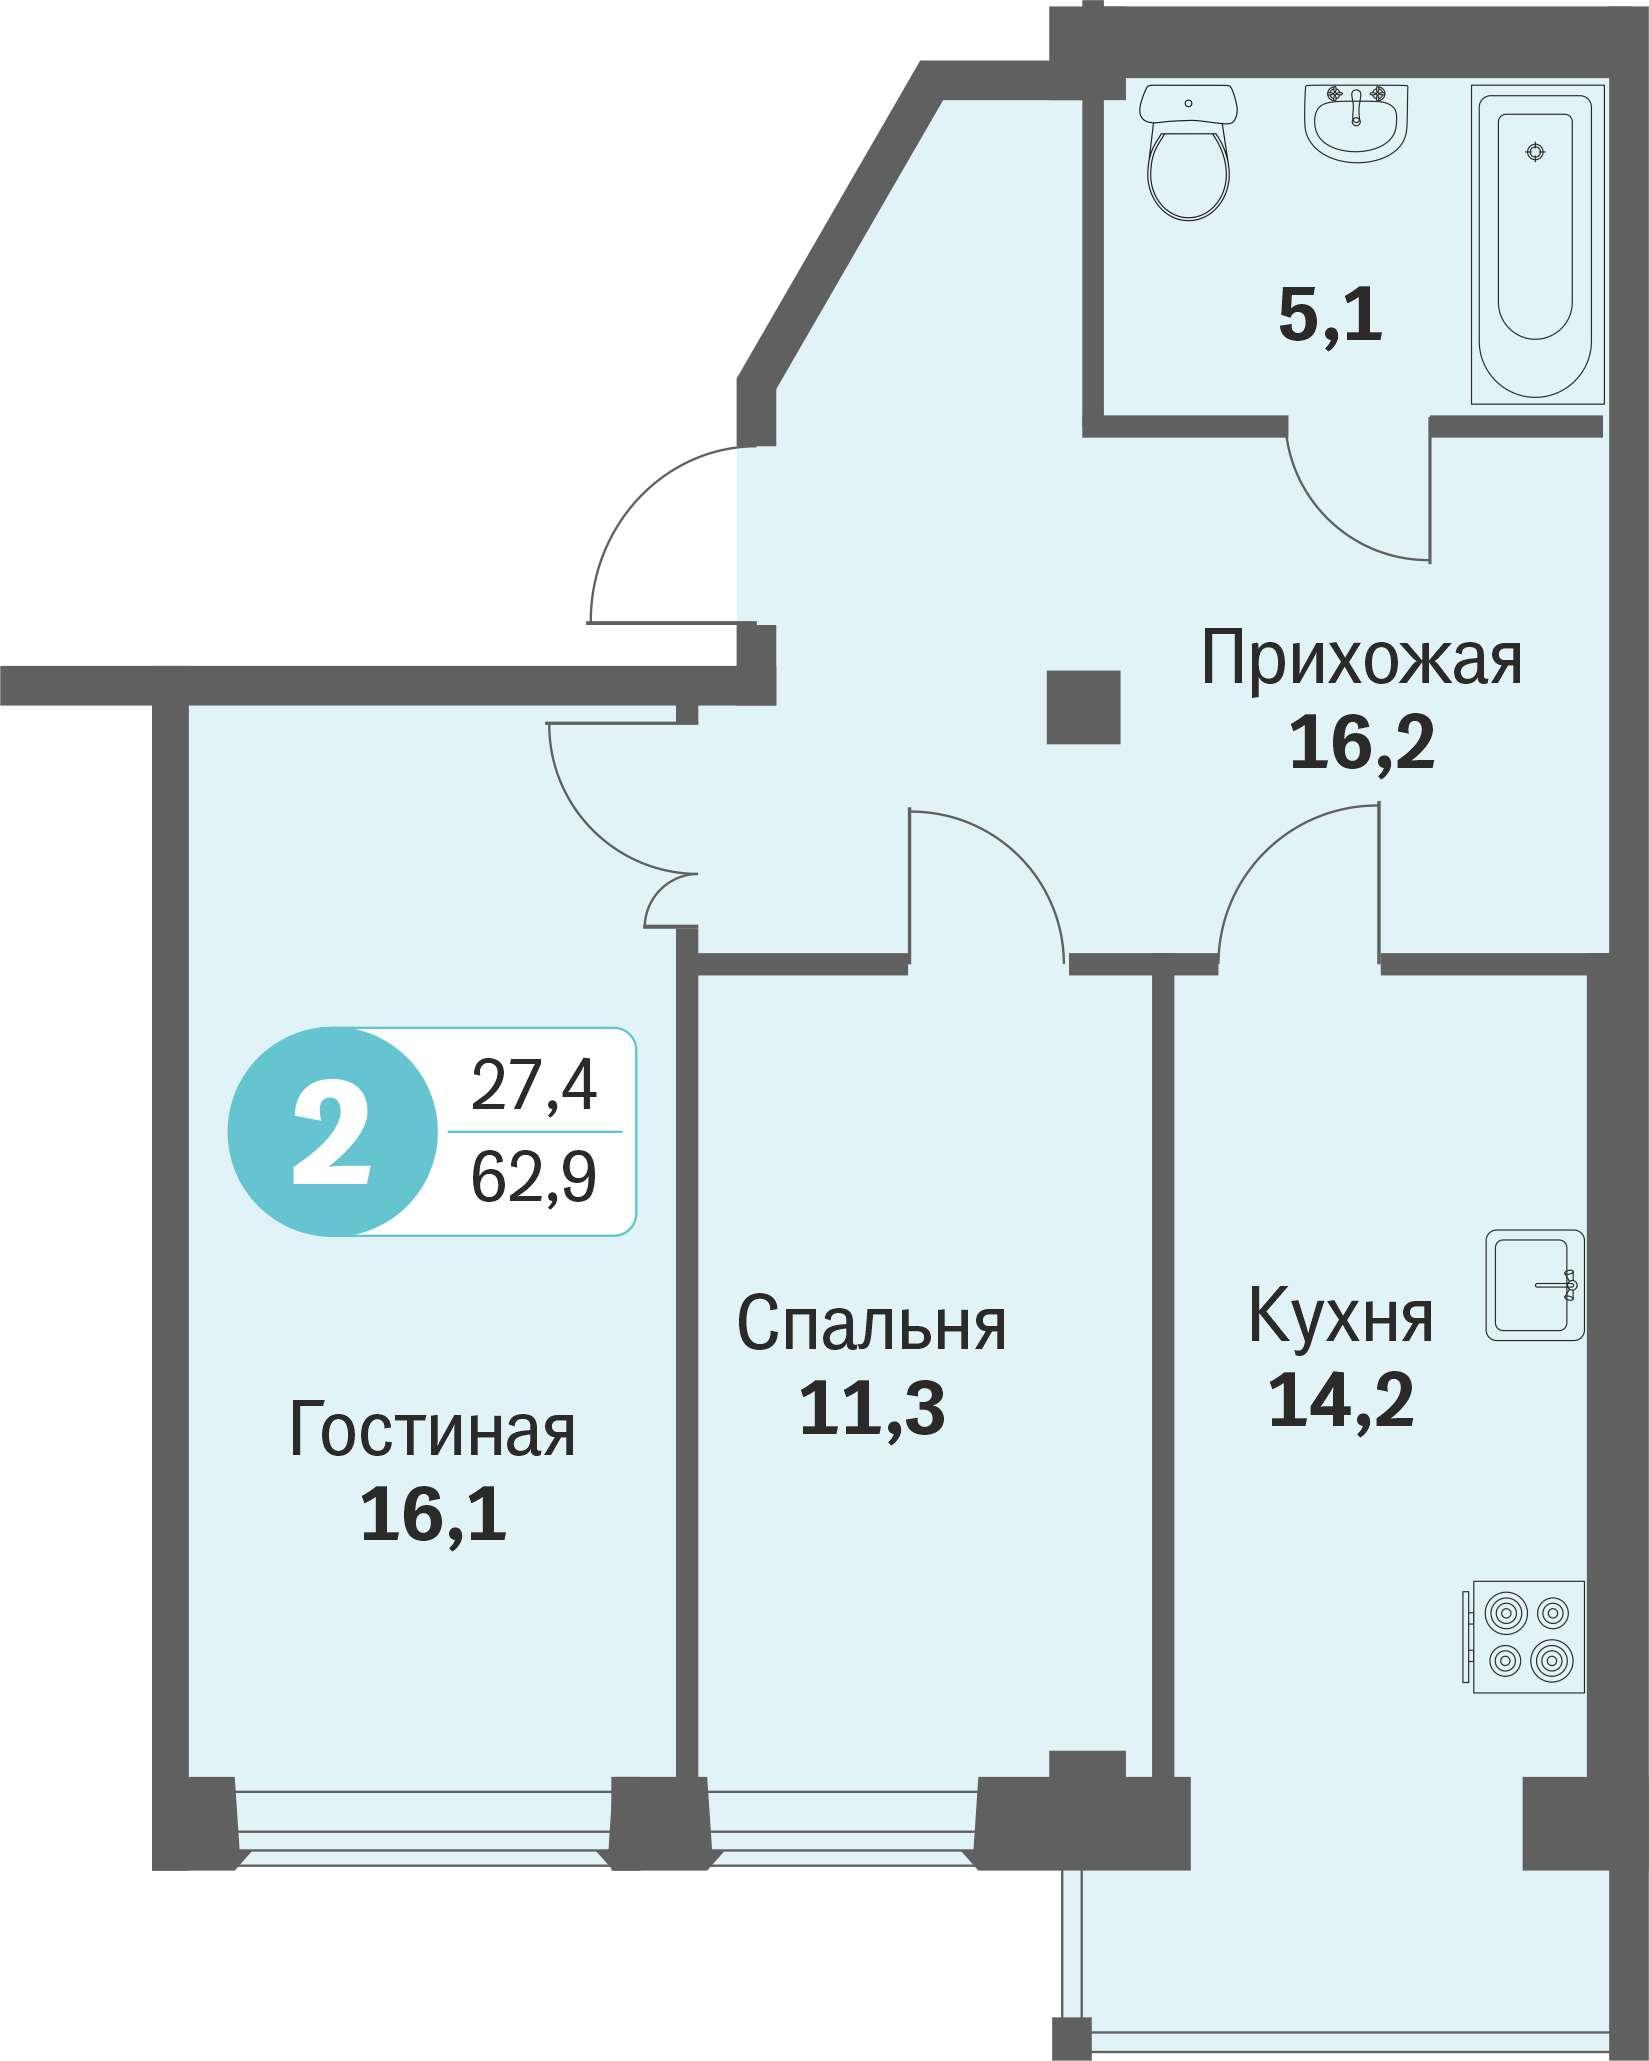 ул. Свиридова, 14, квартира 321 - Двухкомнатная